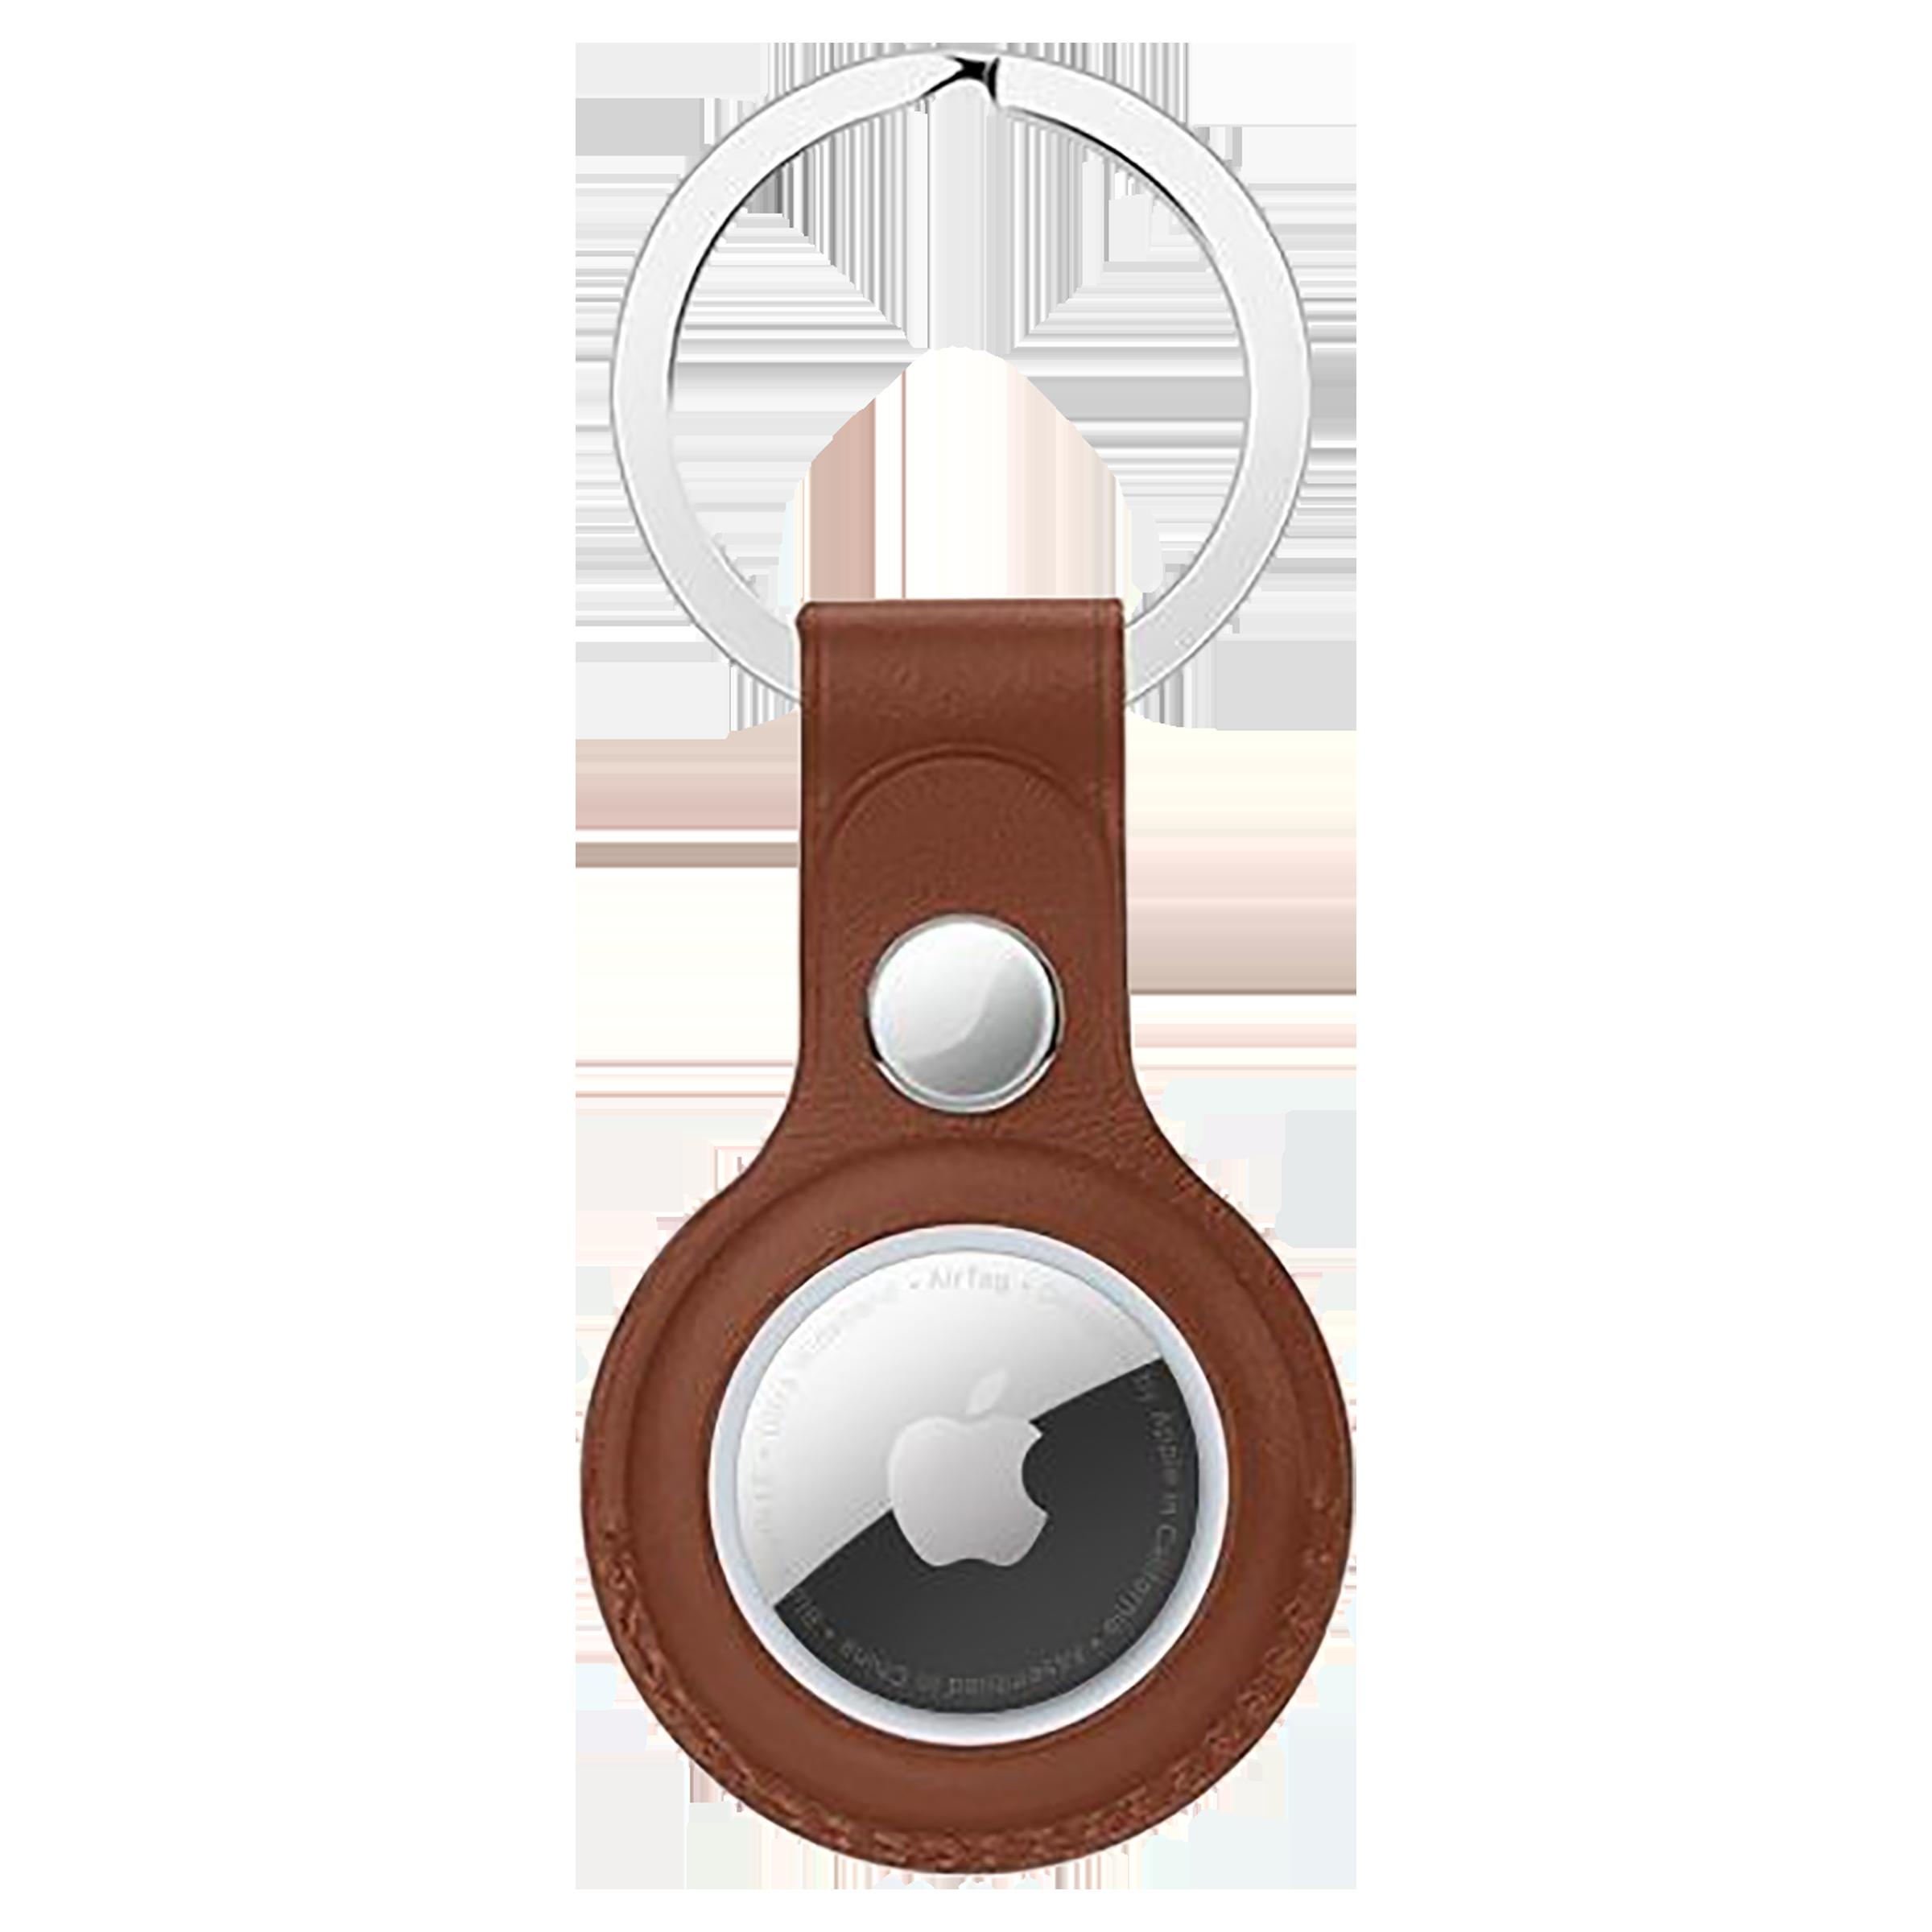 HYPHEN HAT-KRLBRN7592 Polyurethane Silicone Key Ring Case (Lightweight & Durable, Brown)_1